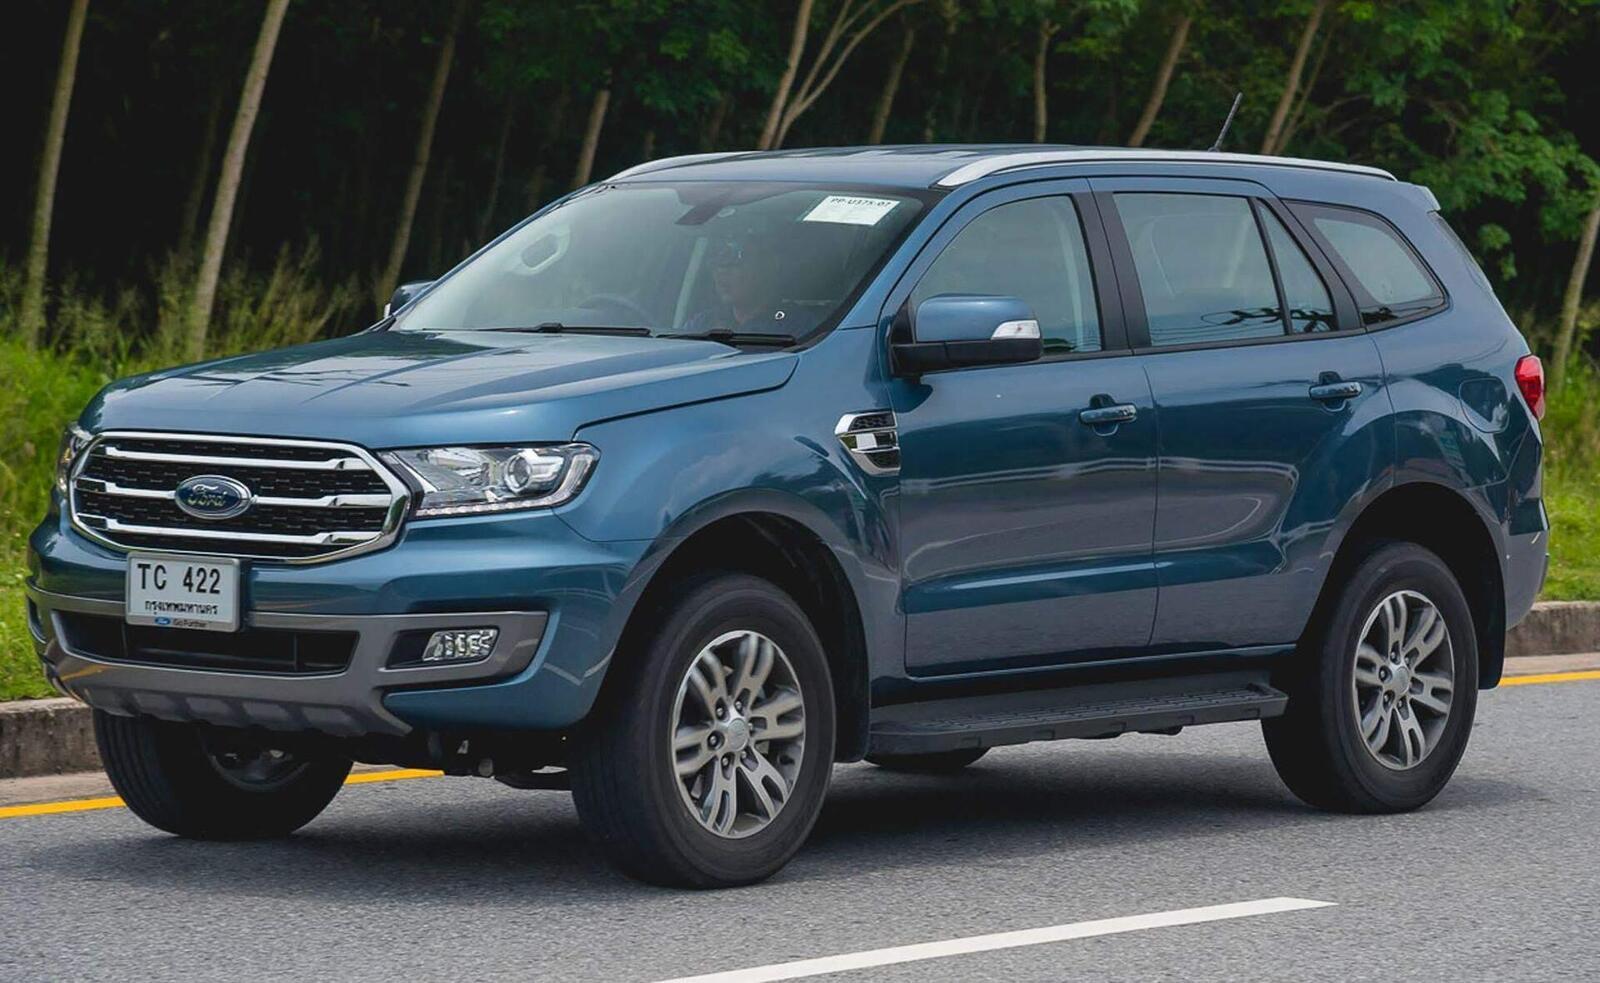 Ford Everest 2018 mở đặt cọc; giá tạm tính từ 900 triệu đến 1,35 tỷ đồng - Hình 3